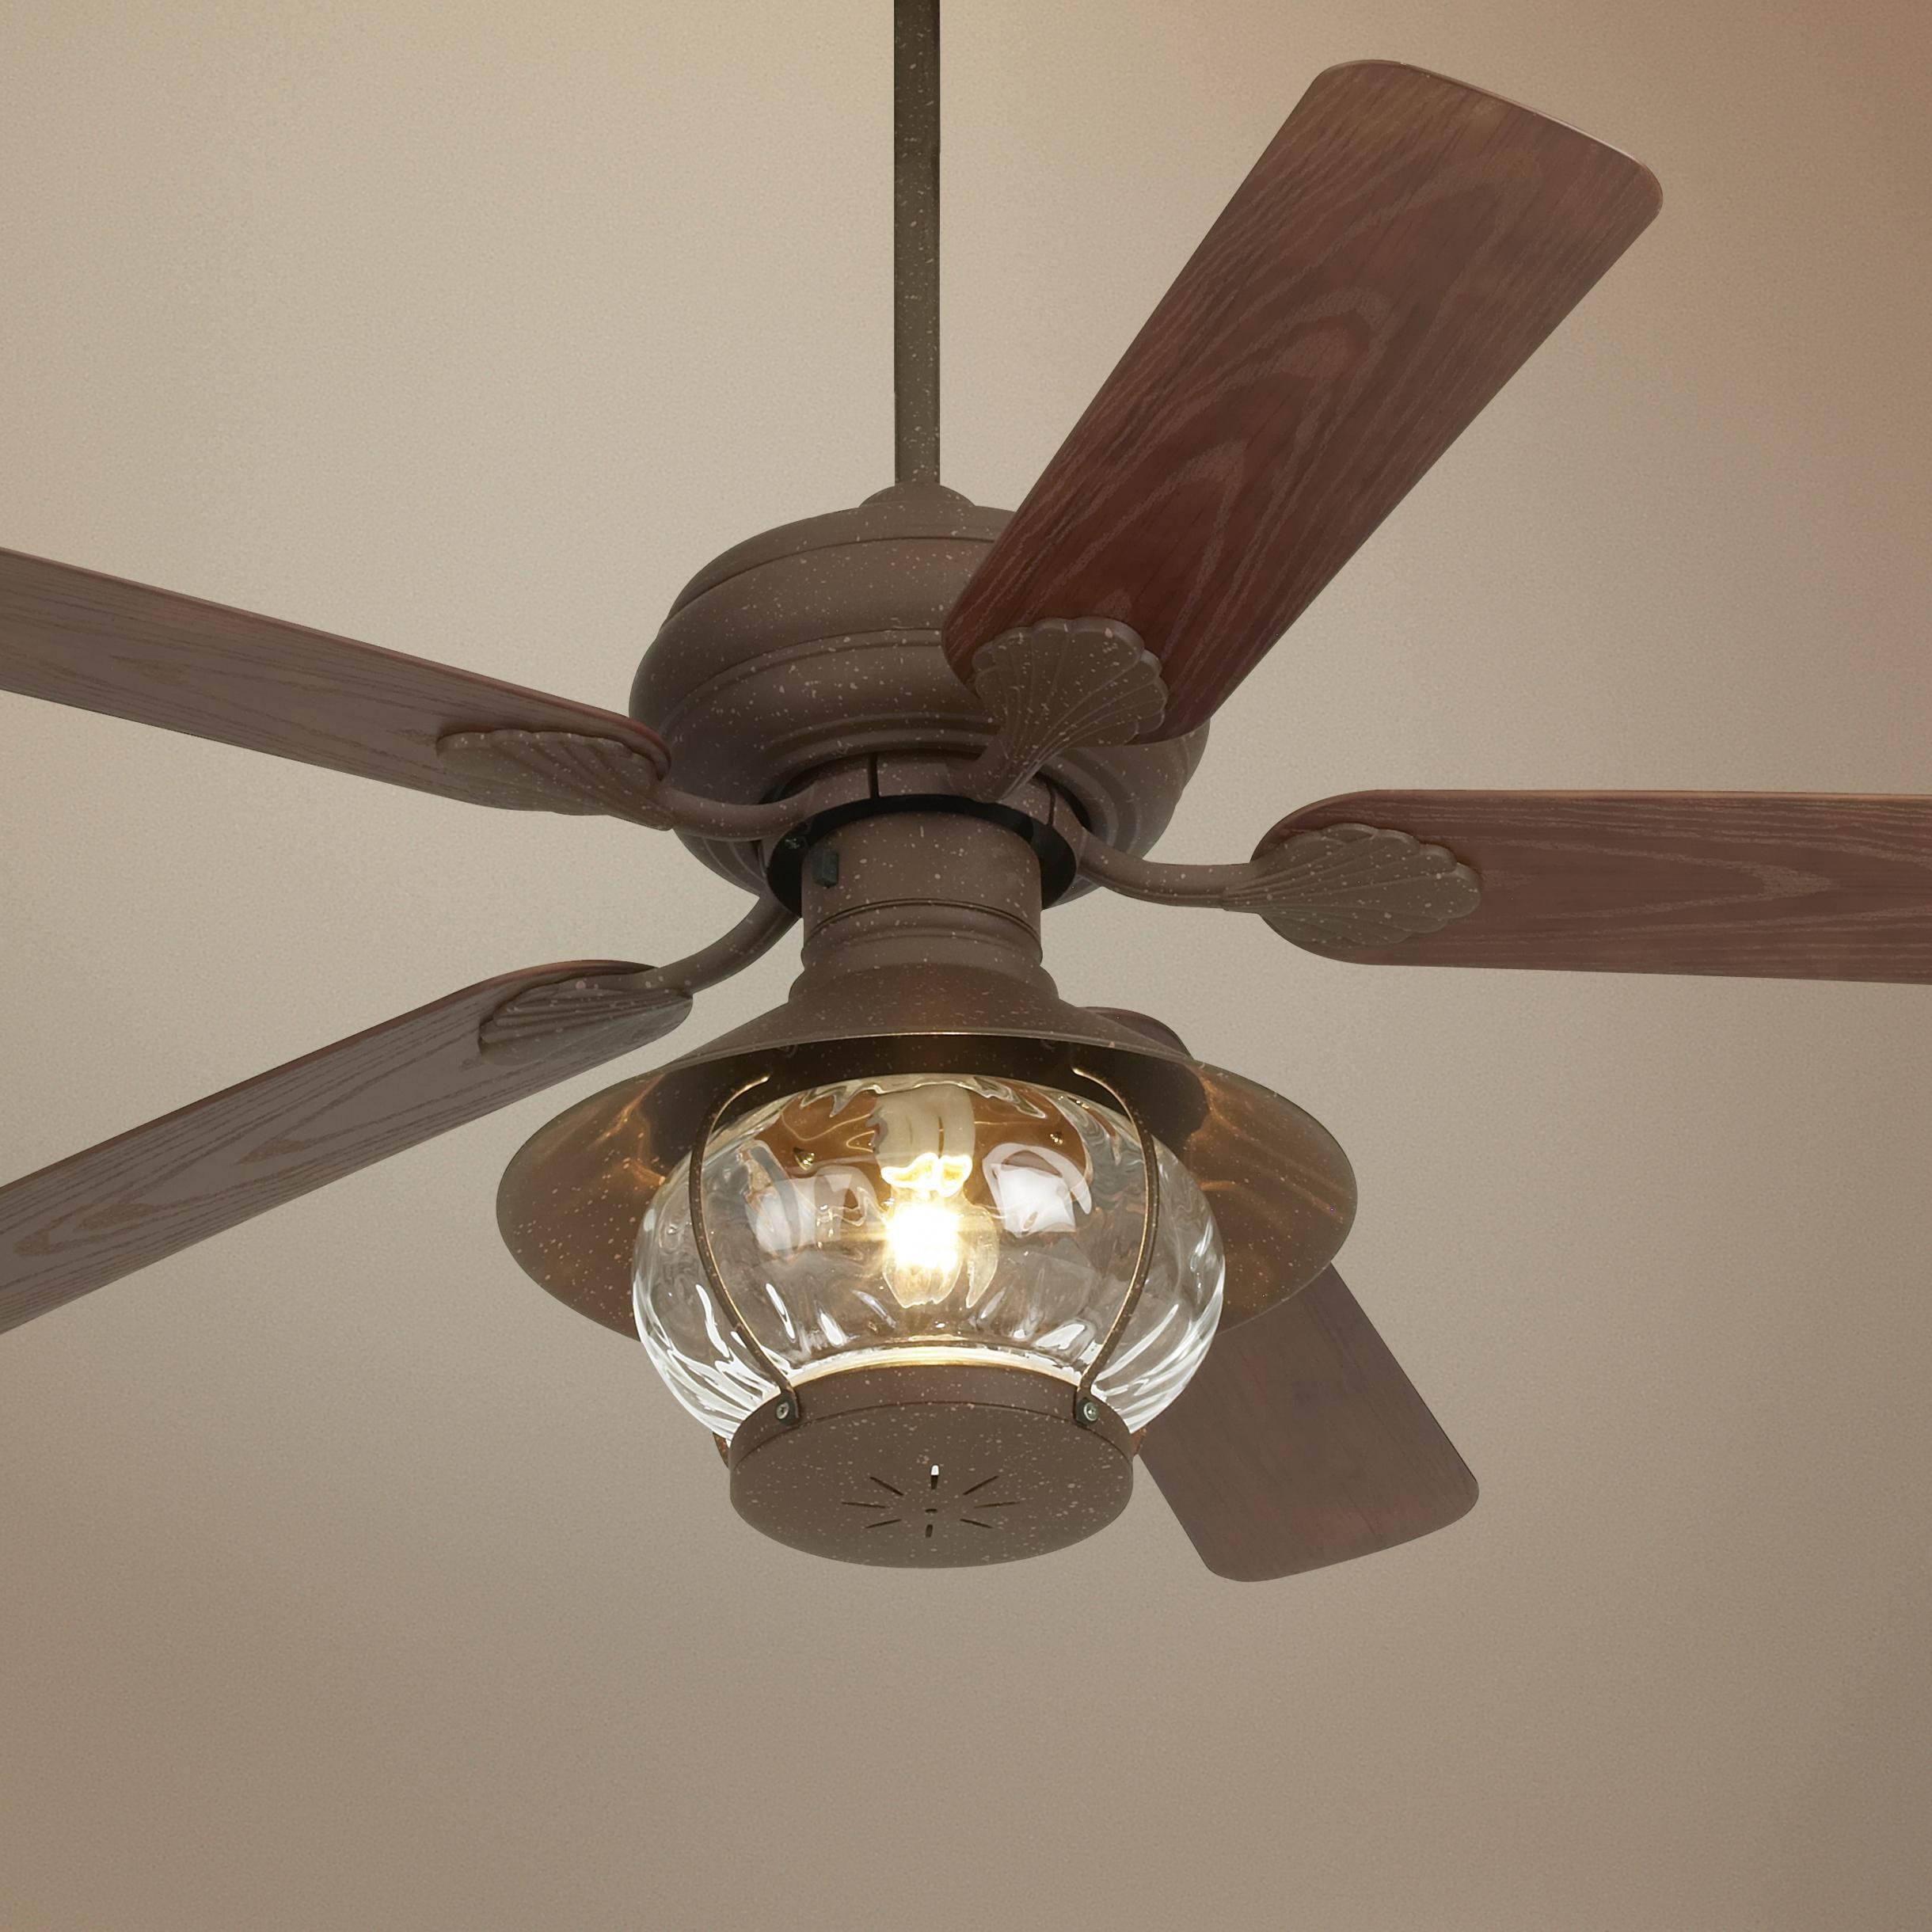 52 casa vieja rustic indooroutdoor ceiling fan 9t624